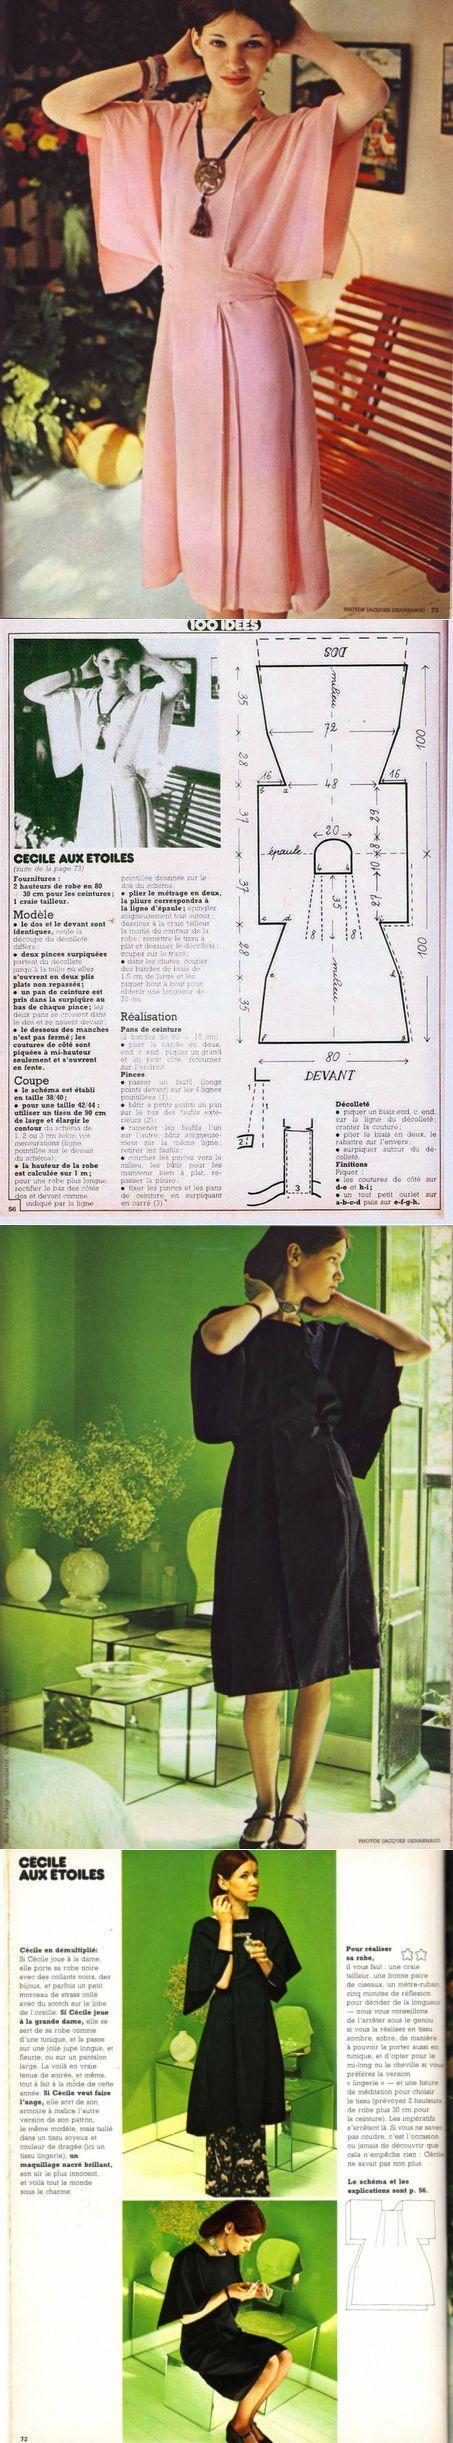 Einfaches und stilvolles Kleid (Retro-Muster